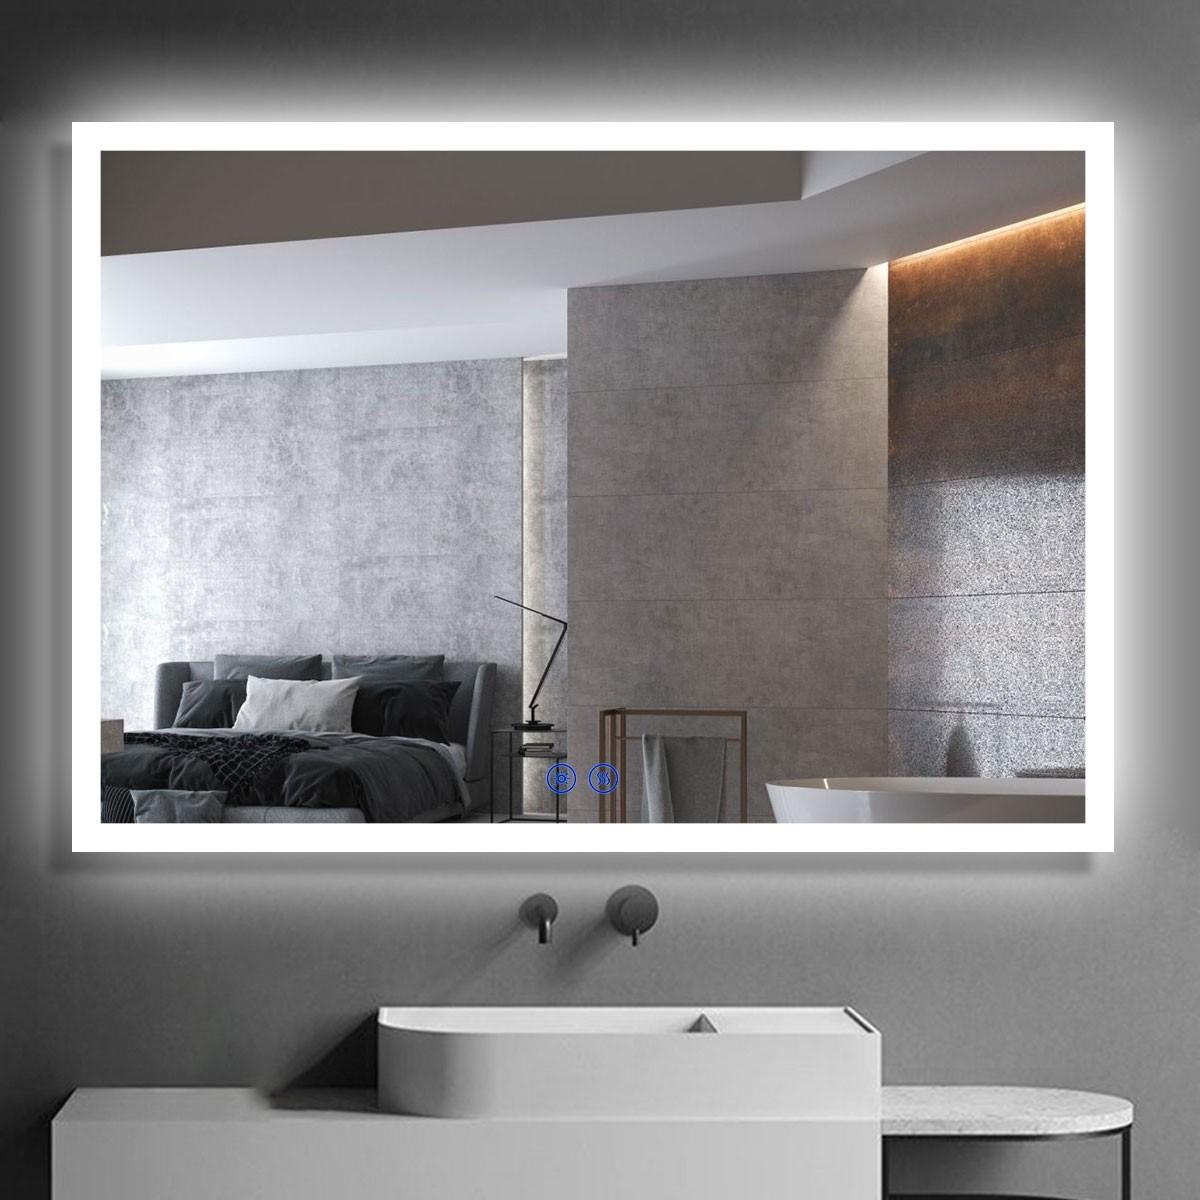 DECORAPORT 40 x 28  Po Miroir de Salle de Bain LED/Miroir Chambre avec Bouton Tactile, Anti-Buée, Luminosité Réglable, Montage Vertical & Horizontal (NT10-4028)